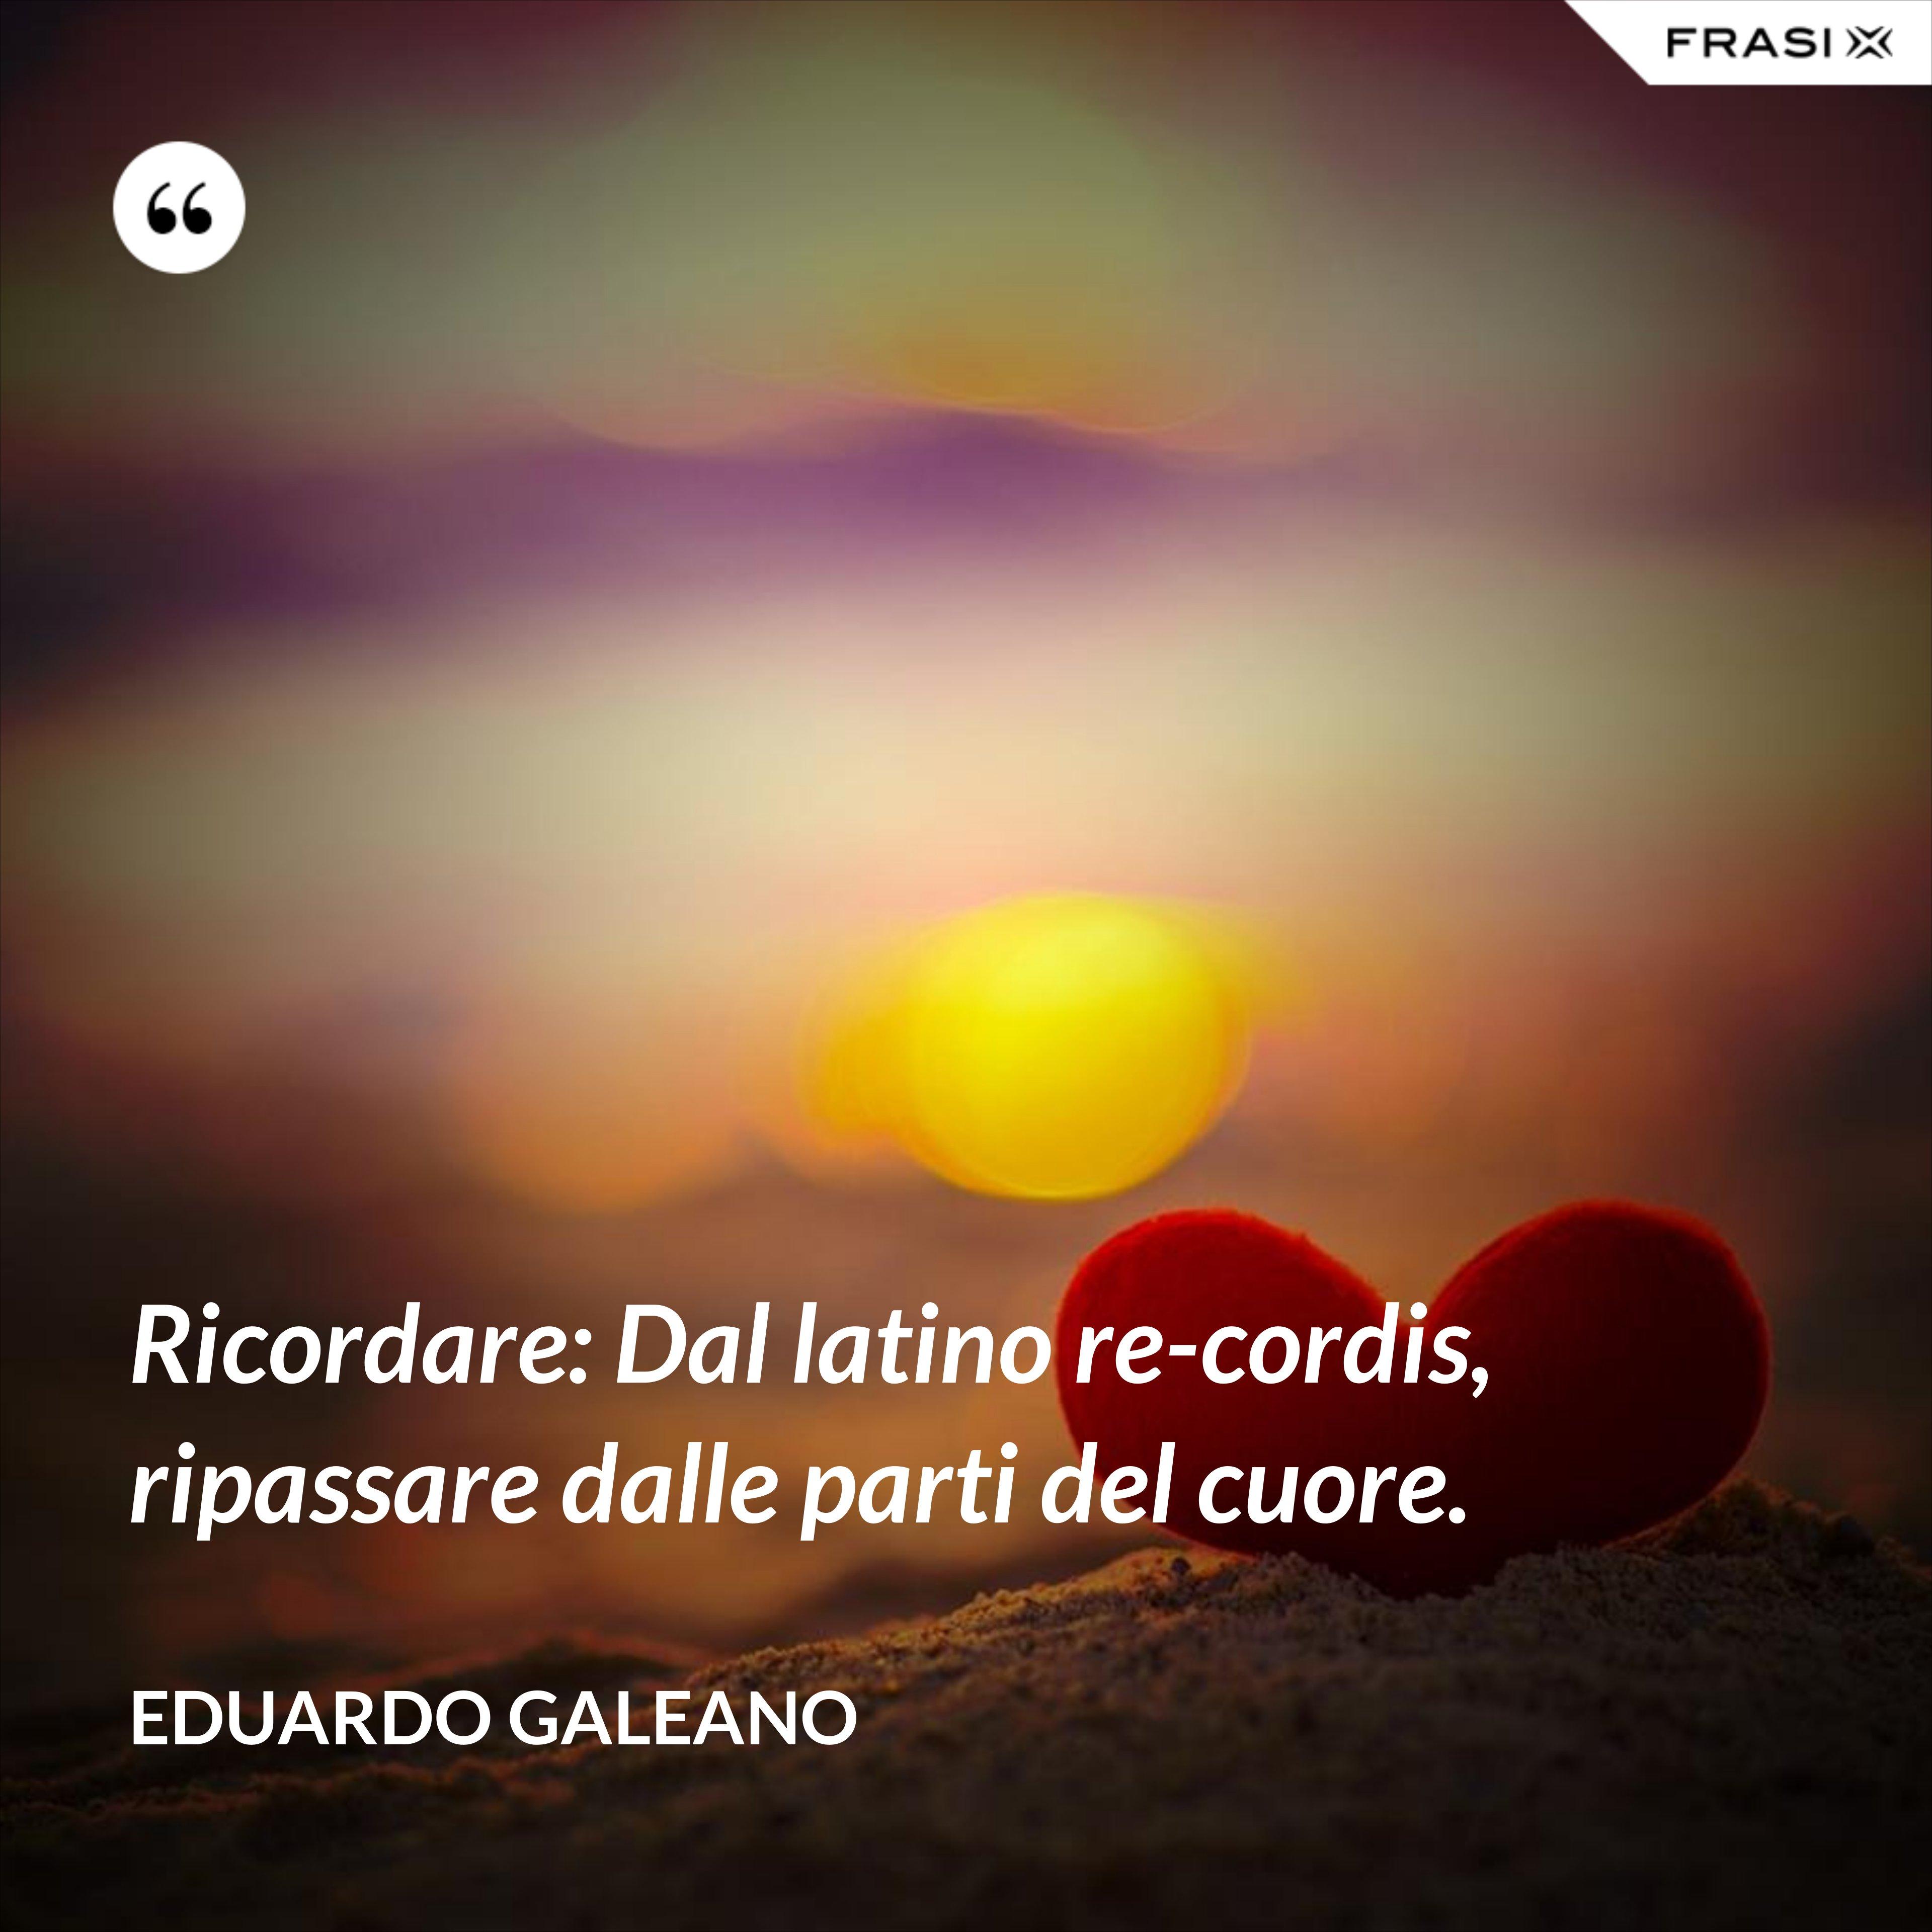 Ricordare: Dal latino re-cordis, ripassare dalle parti del cuore. - Eduardo Galeano